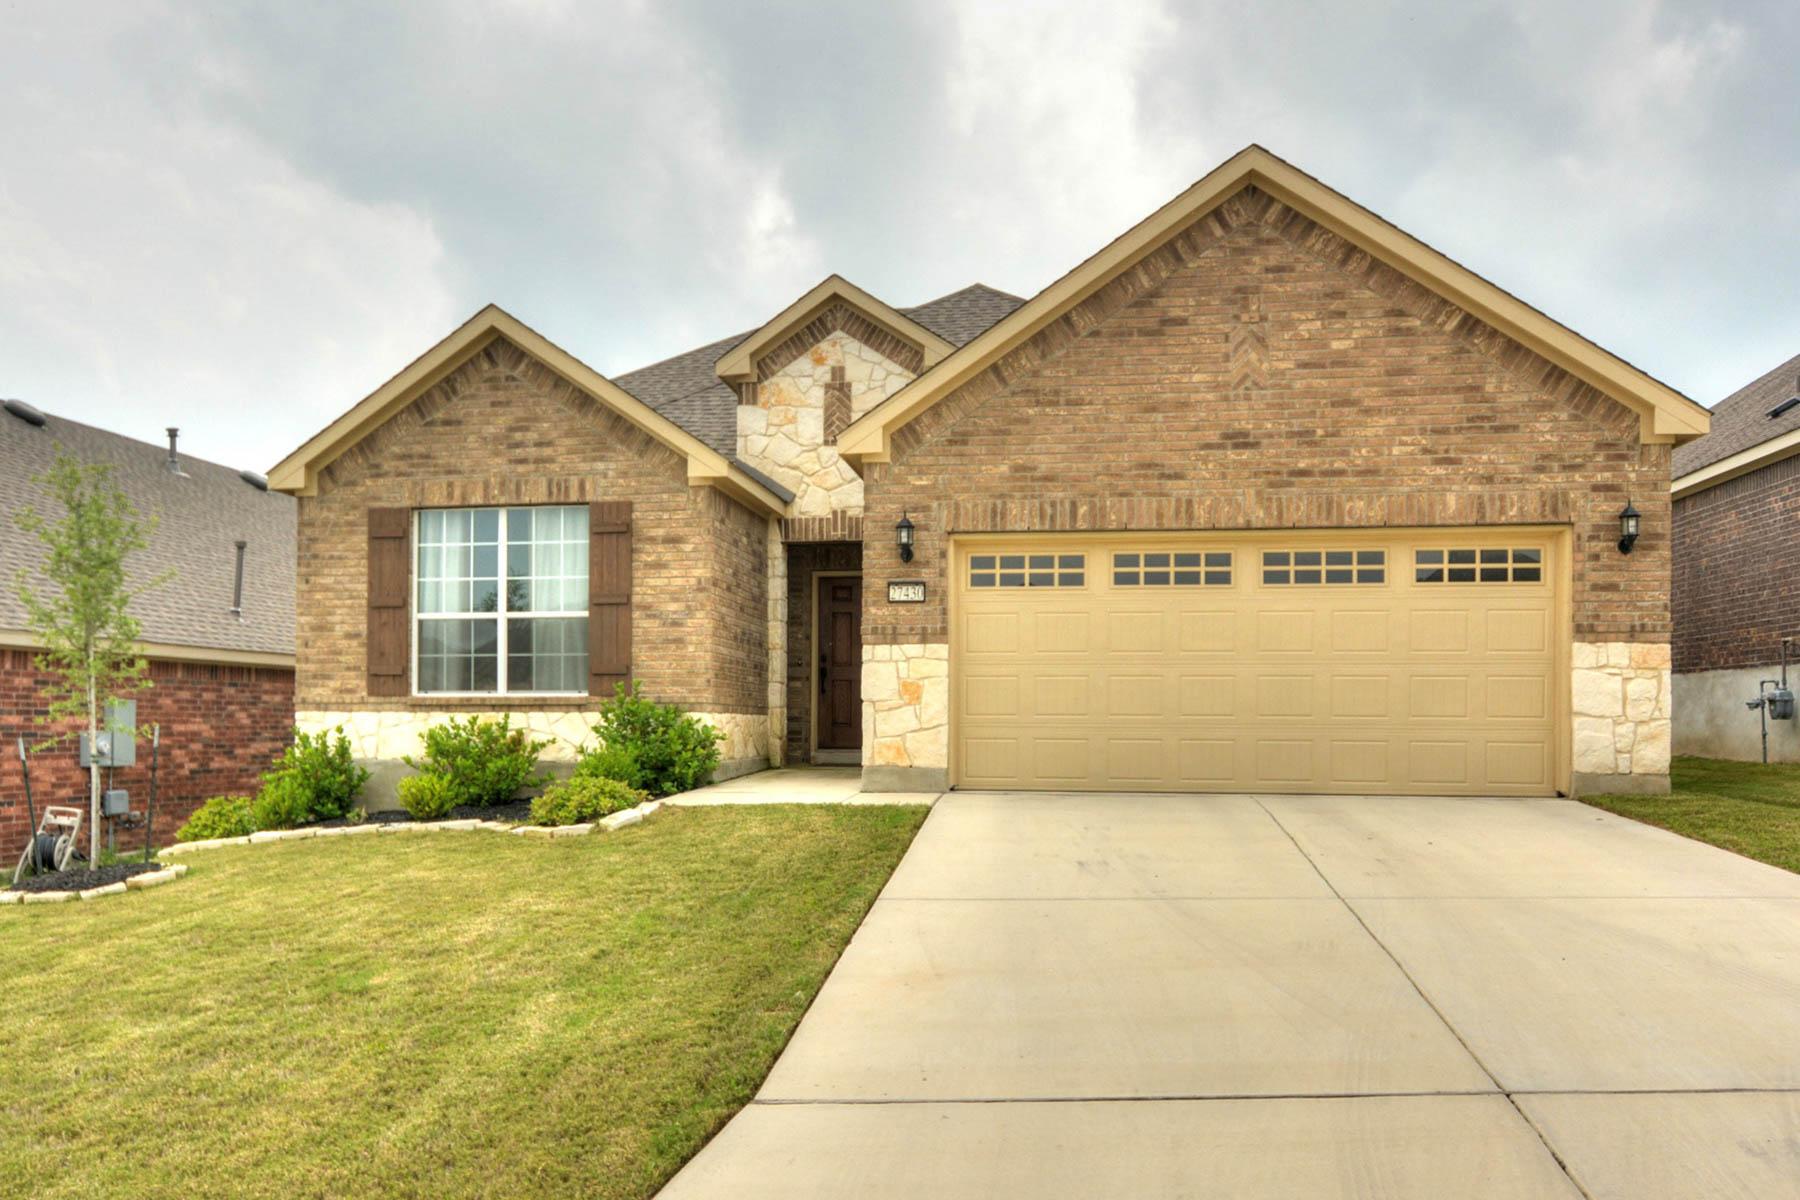 Casa Unifamiliar por un Venta en Beautiful Property in Gated Community in Boerne 27430 Valle Bluff Boerne, Texas 78015 Estados Unidos